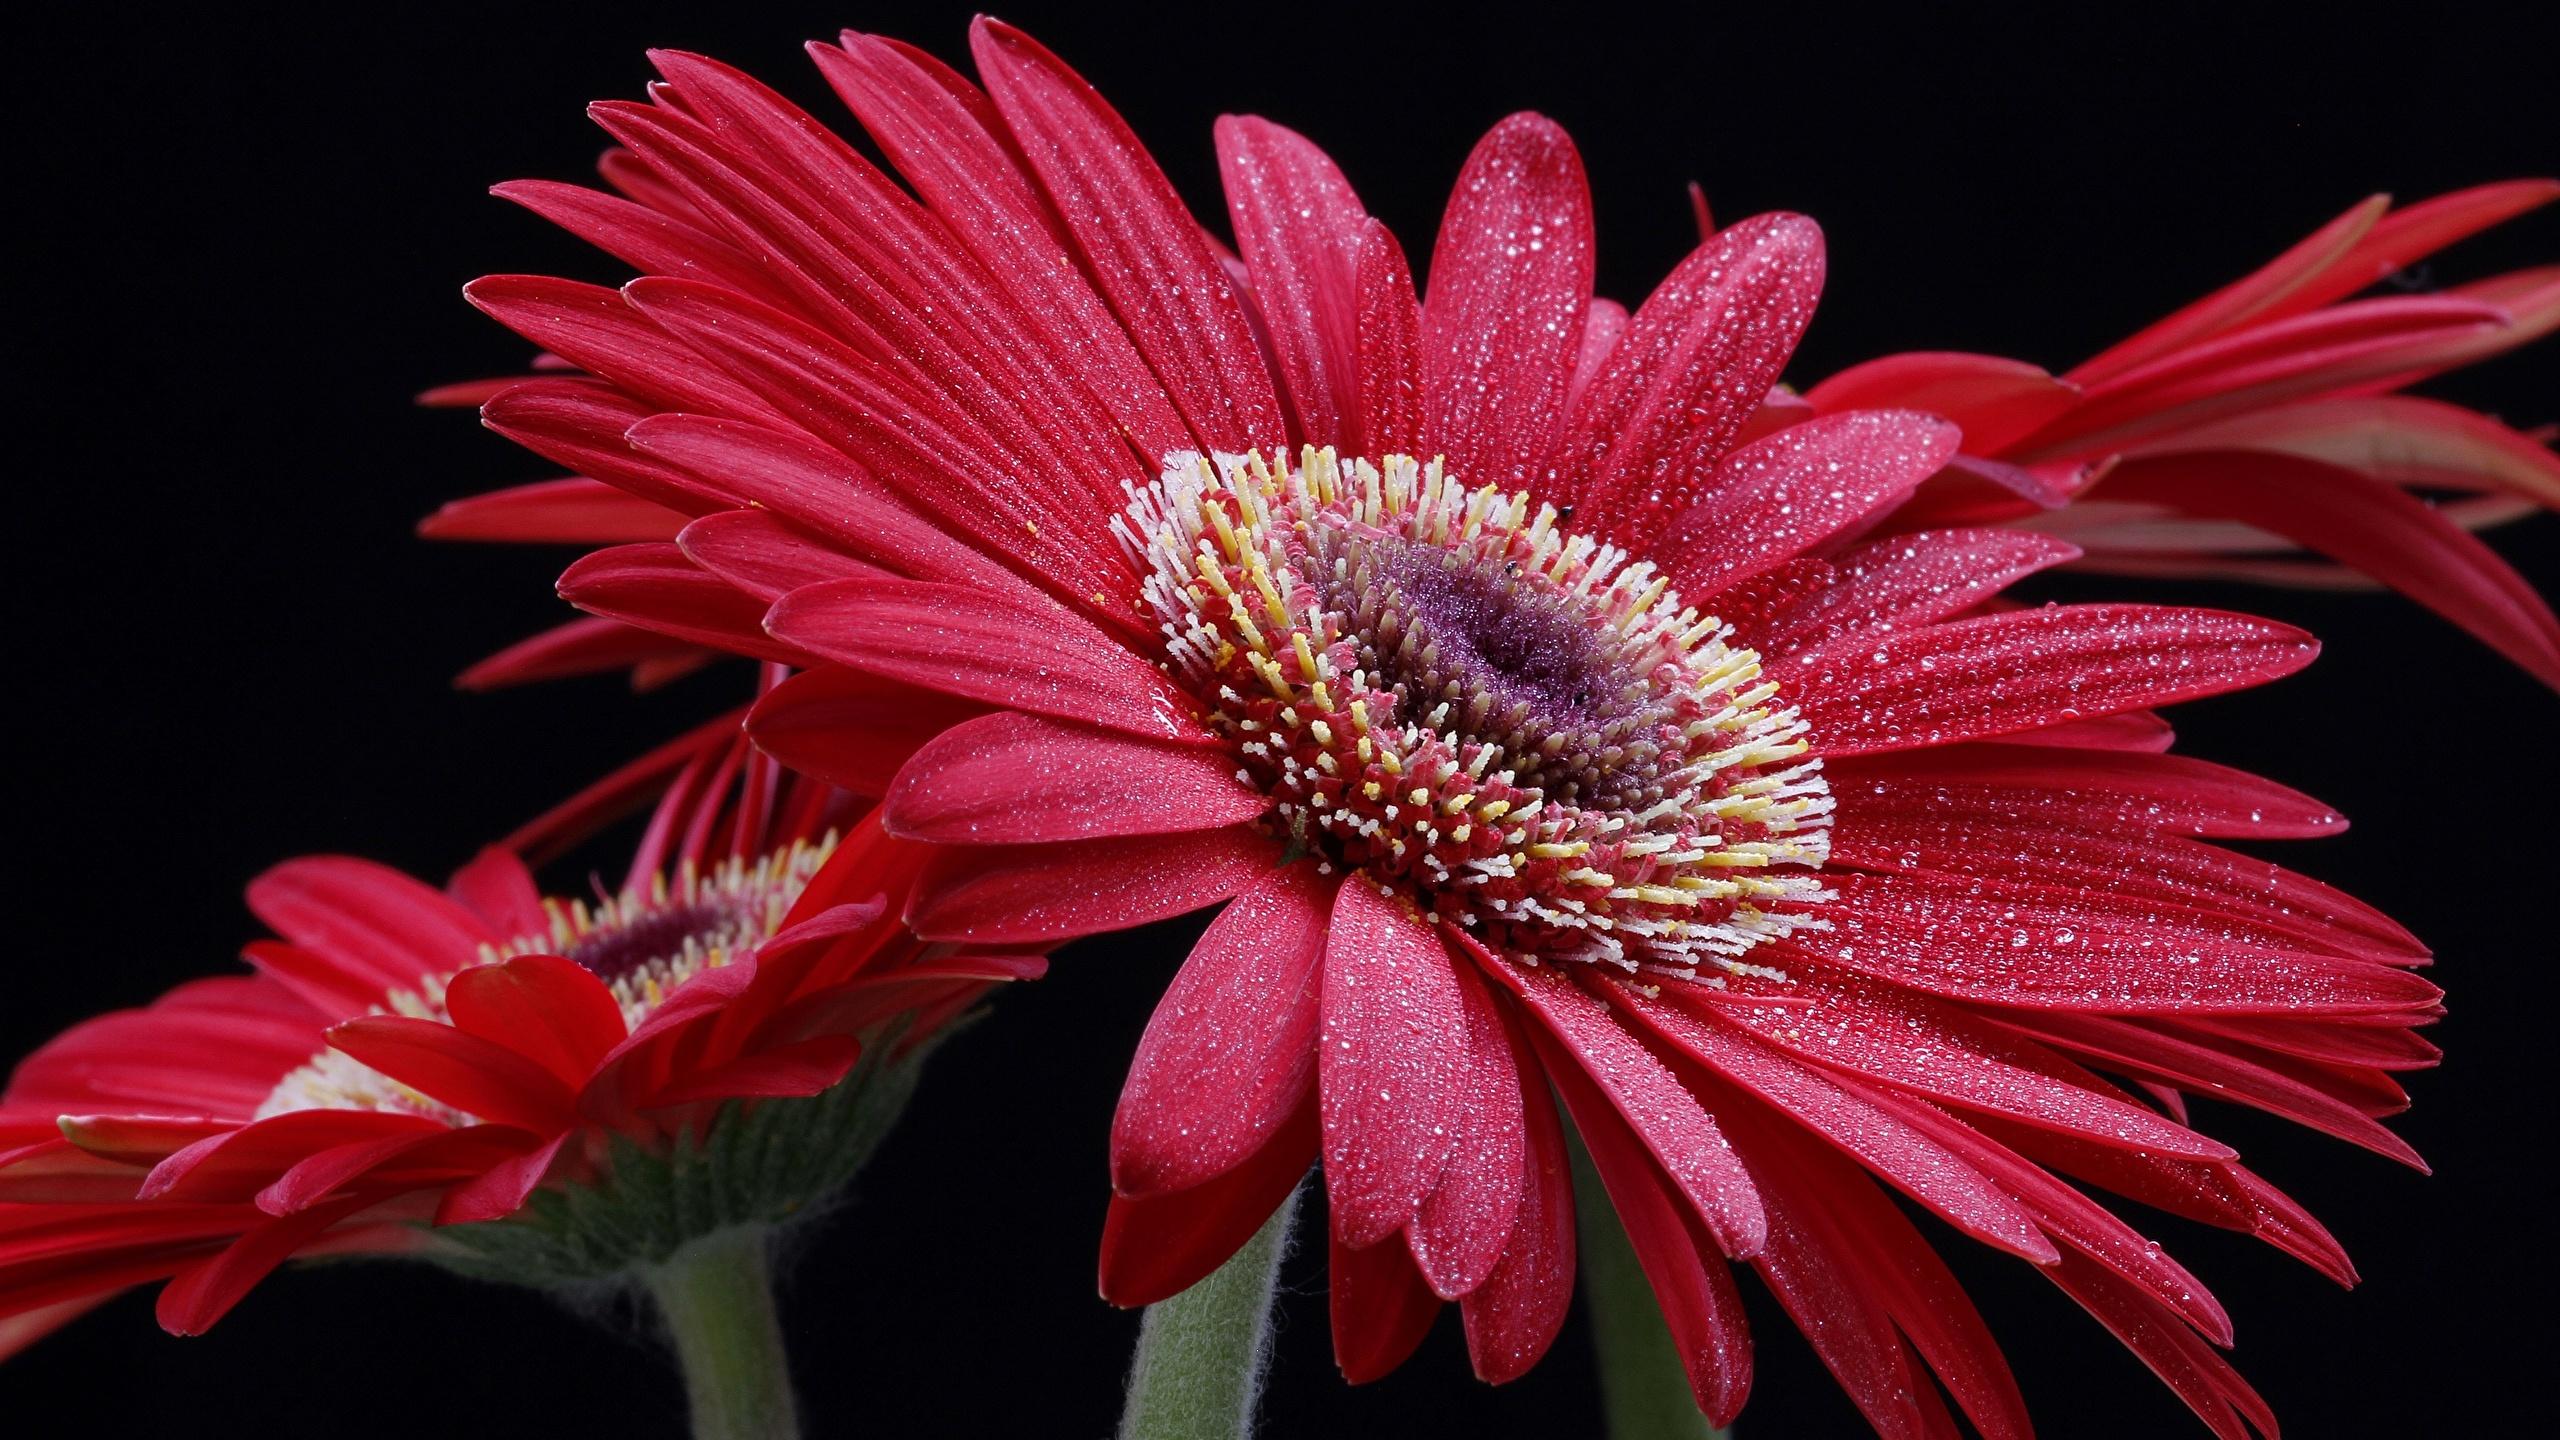 Картинки гербера Капли цветок на черном фоне Крупным планом 2560x1440 Герберы капля Цветы капель капельки вблизи Черный фон